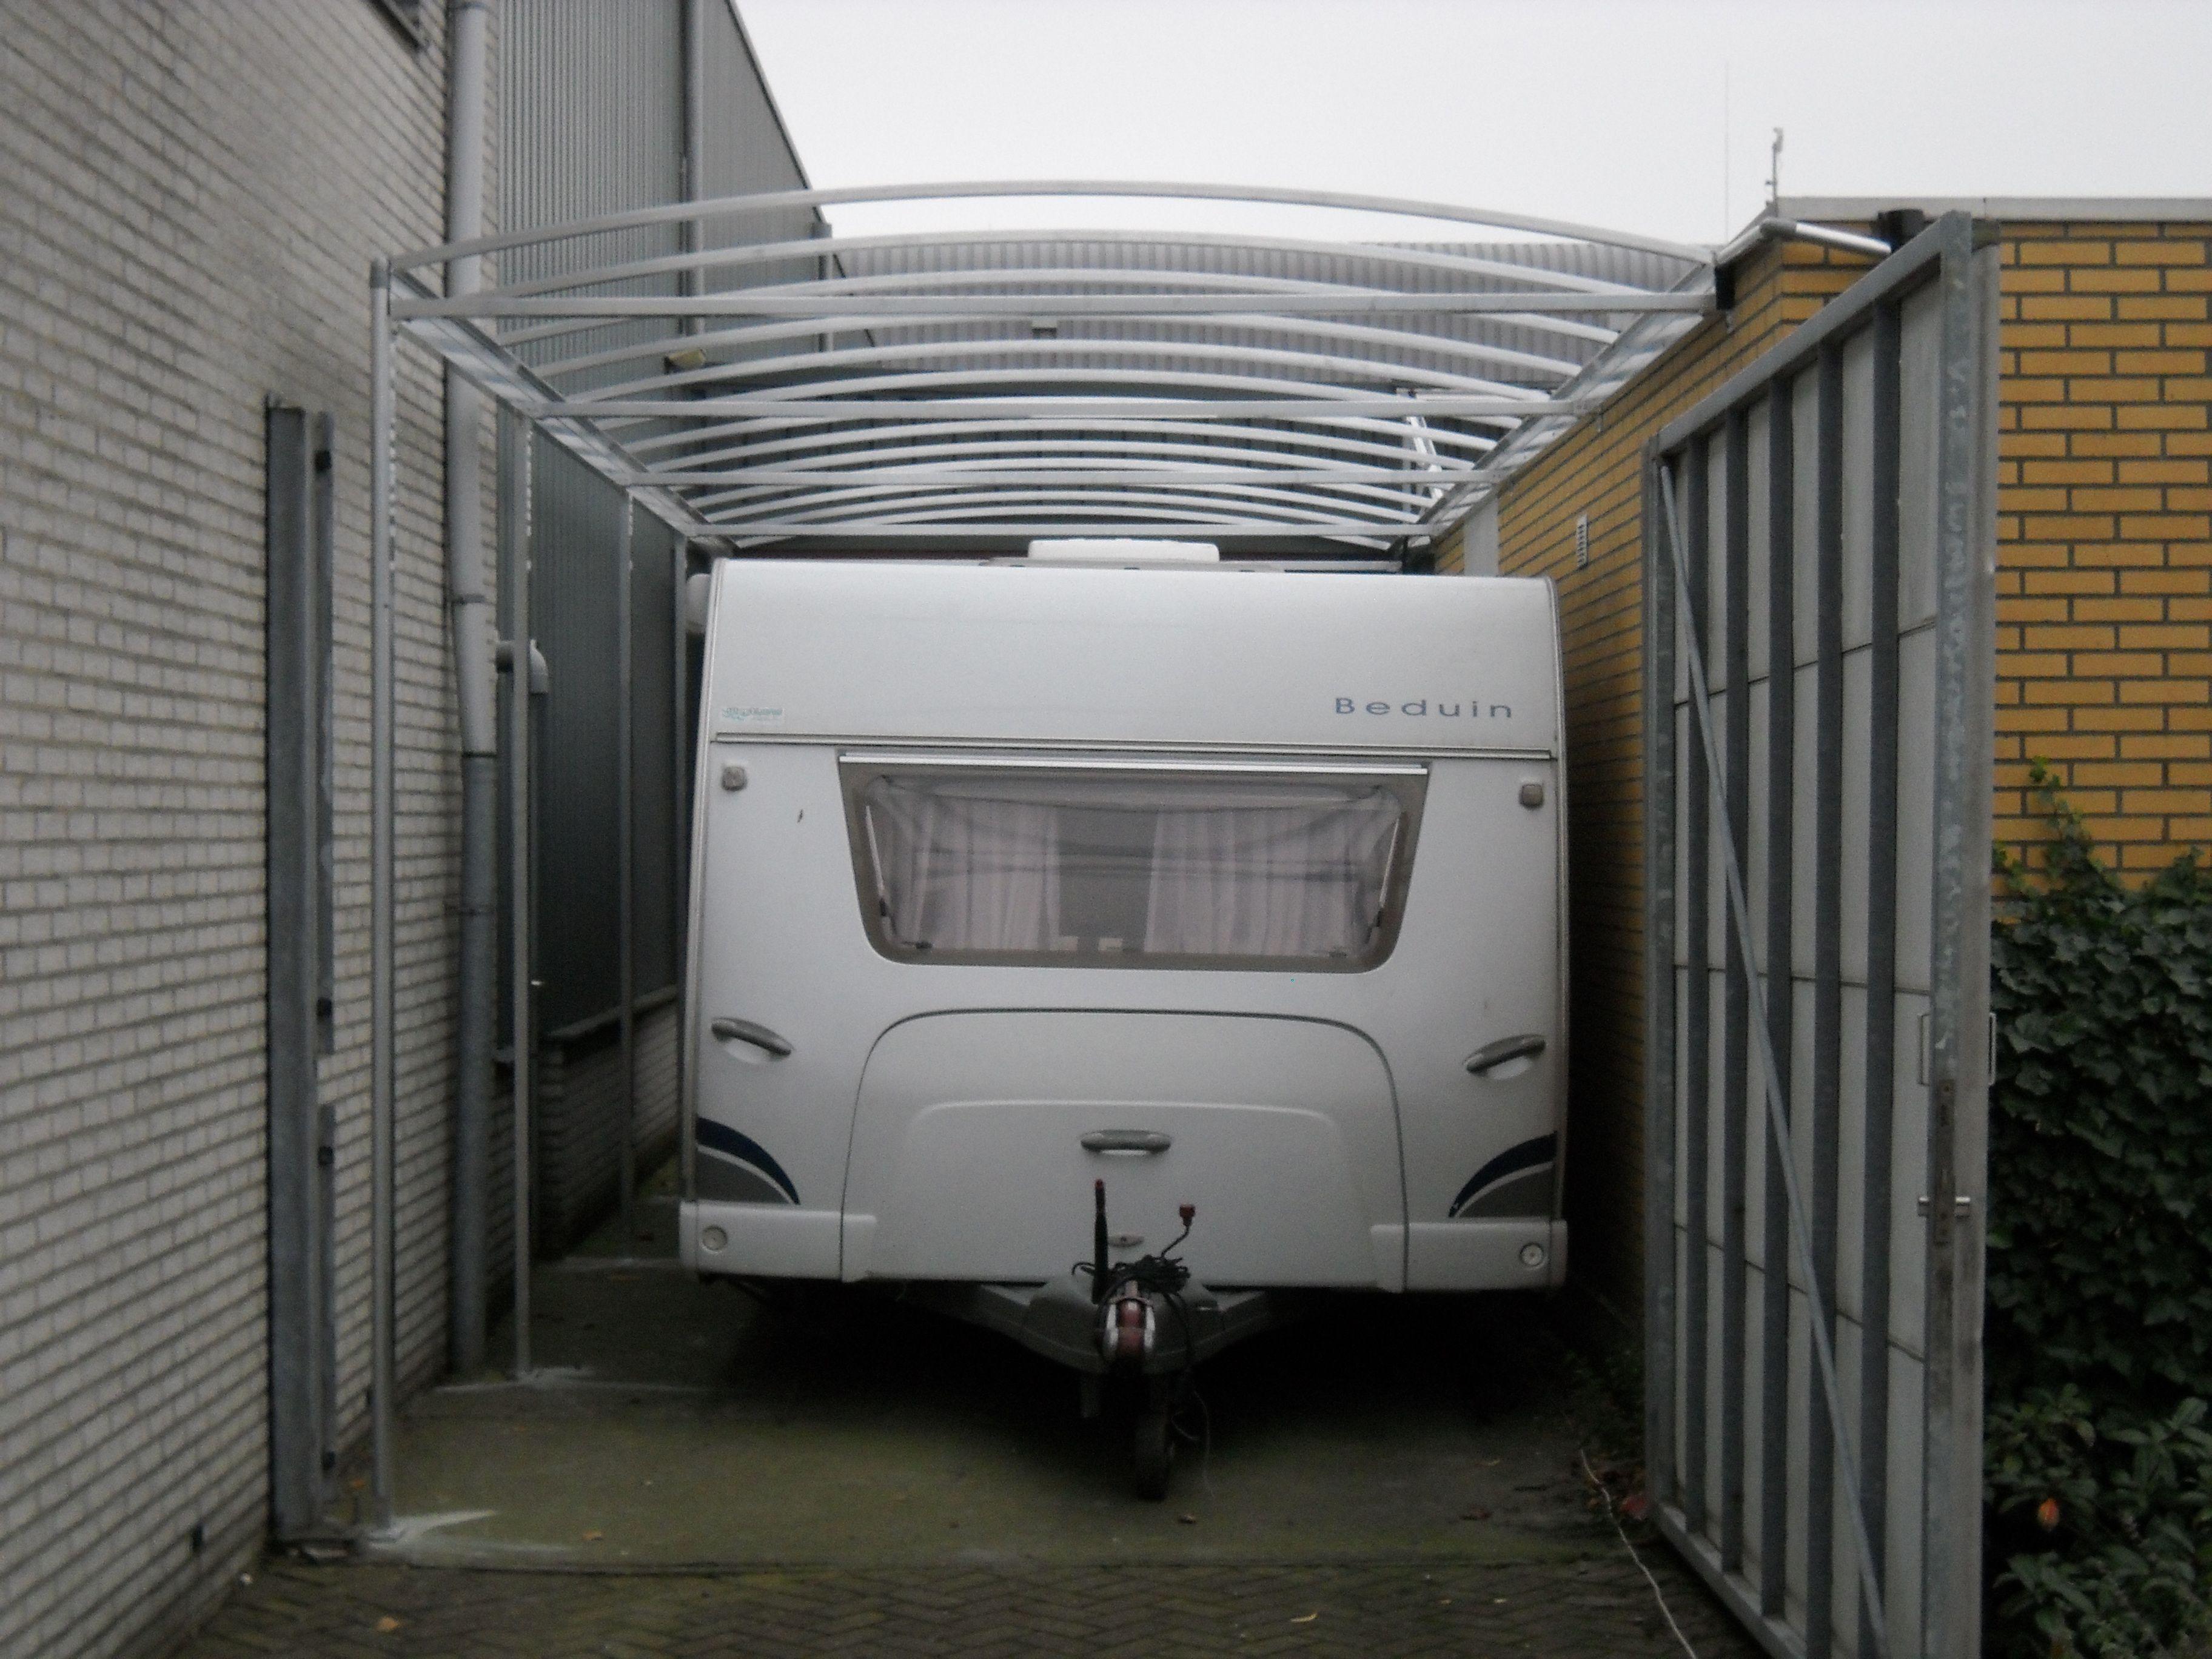 Overkapping Voor Uw Caravan Nodig Bekijk De Carports Op De Site Of Bel 0174 29072 Voor Meer Info Carport Caravan